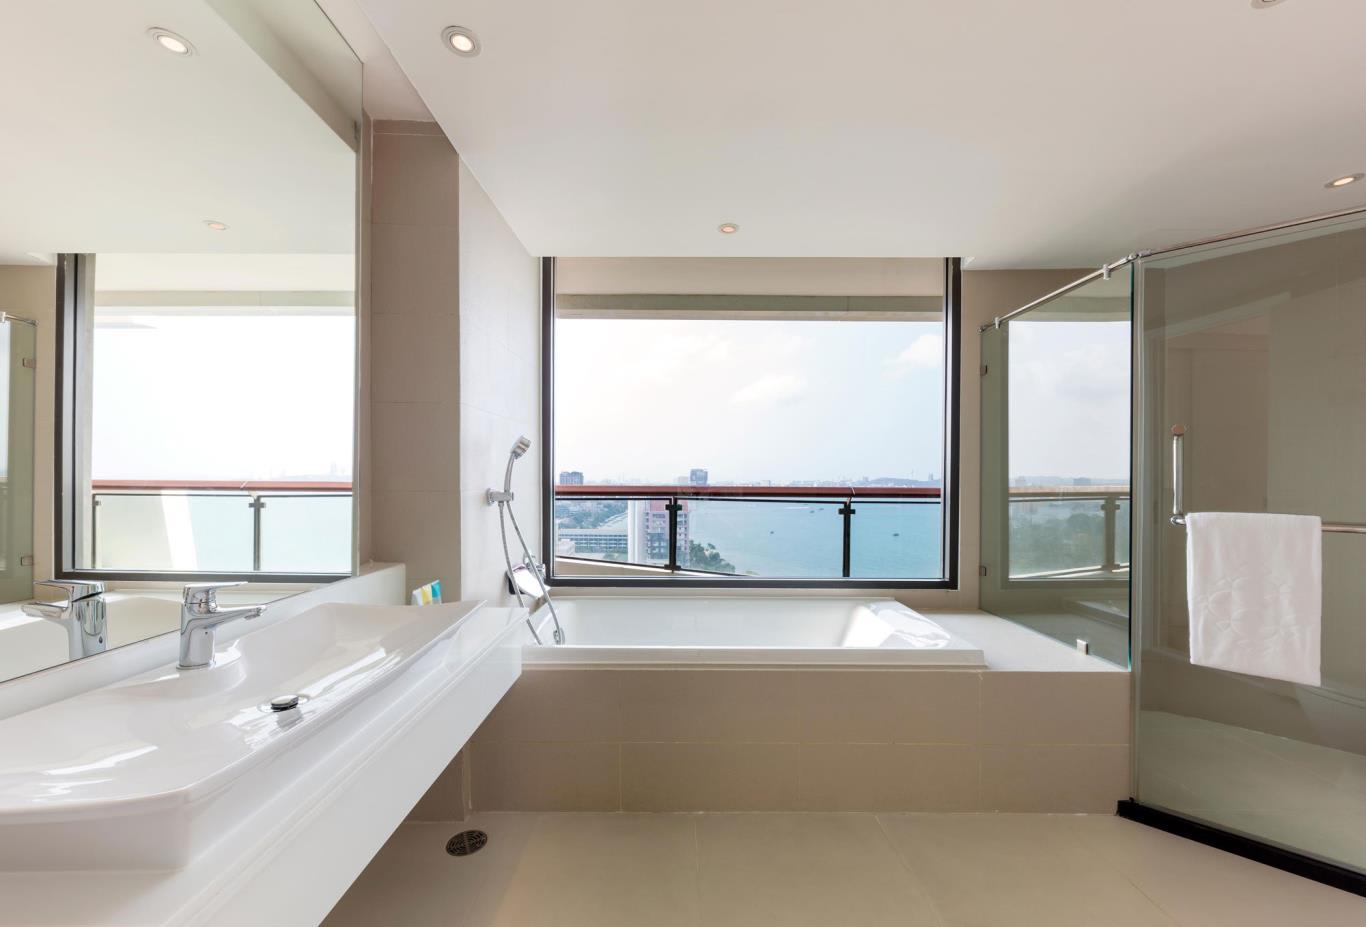 Deluxe-Terrace-Room-bath